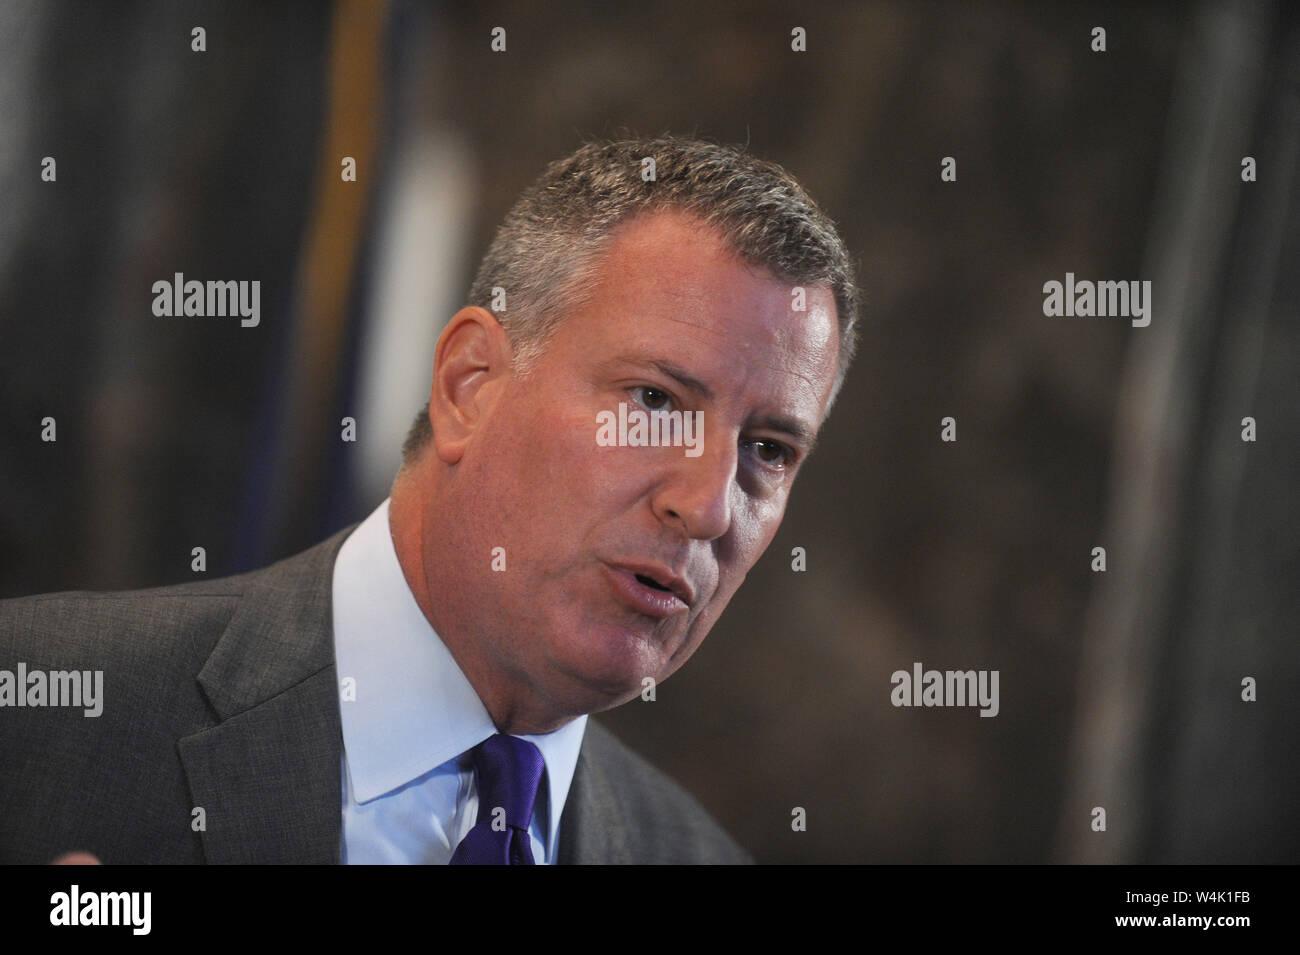 Nyc Mayor Bill De Blasio Stock Photos & Nyc Mayor Bill De